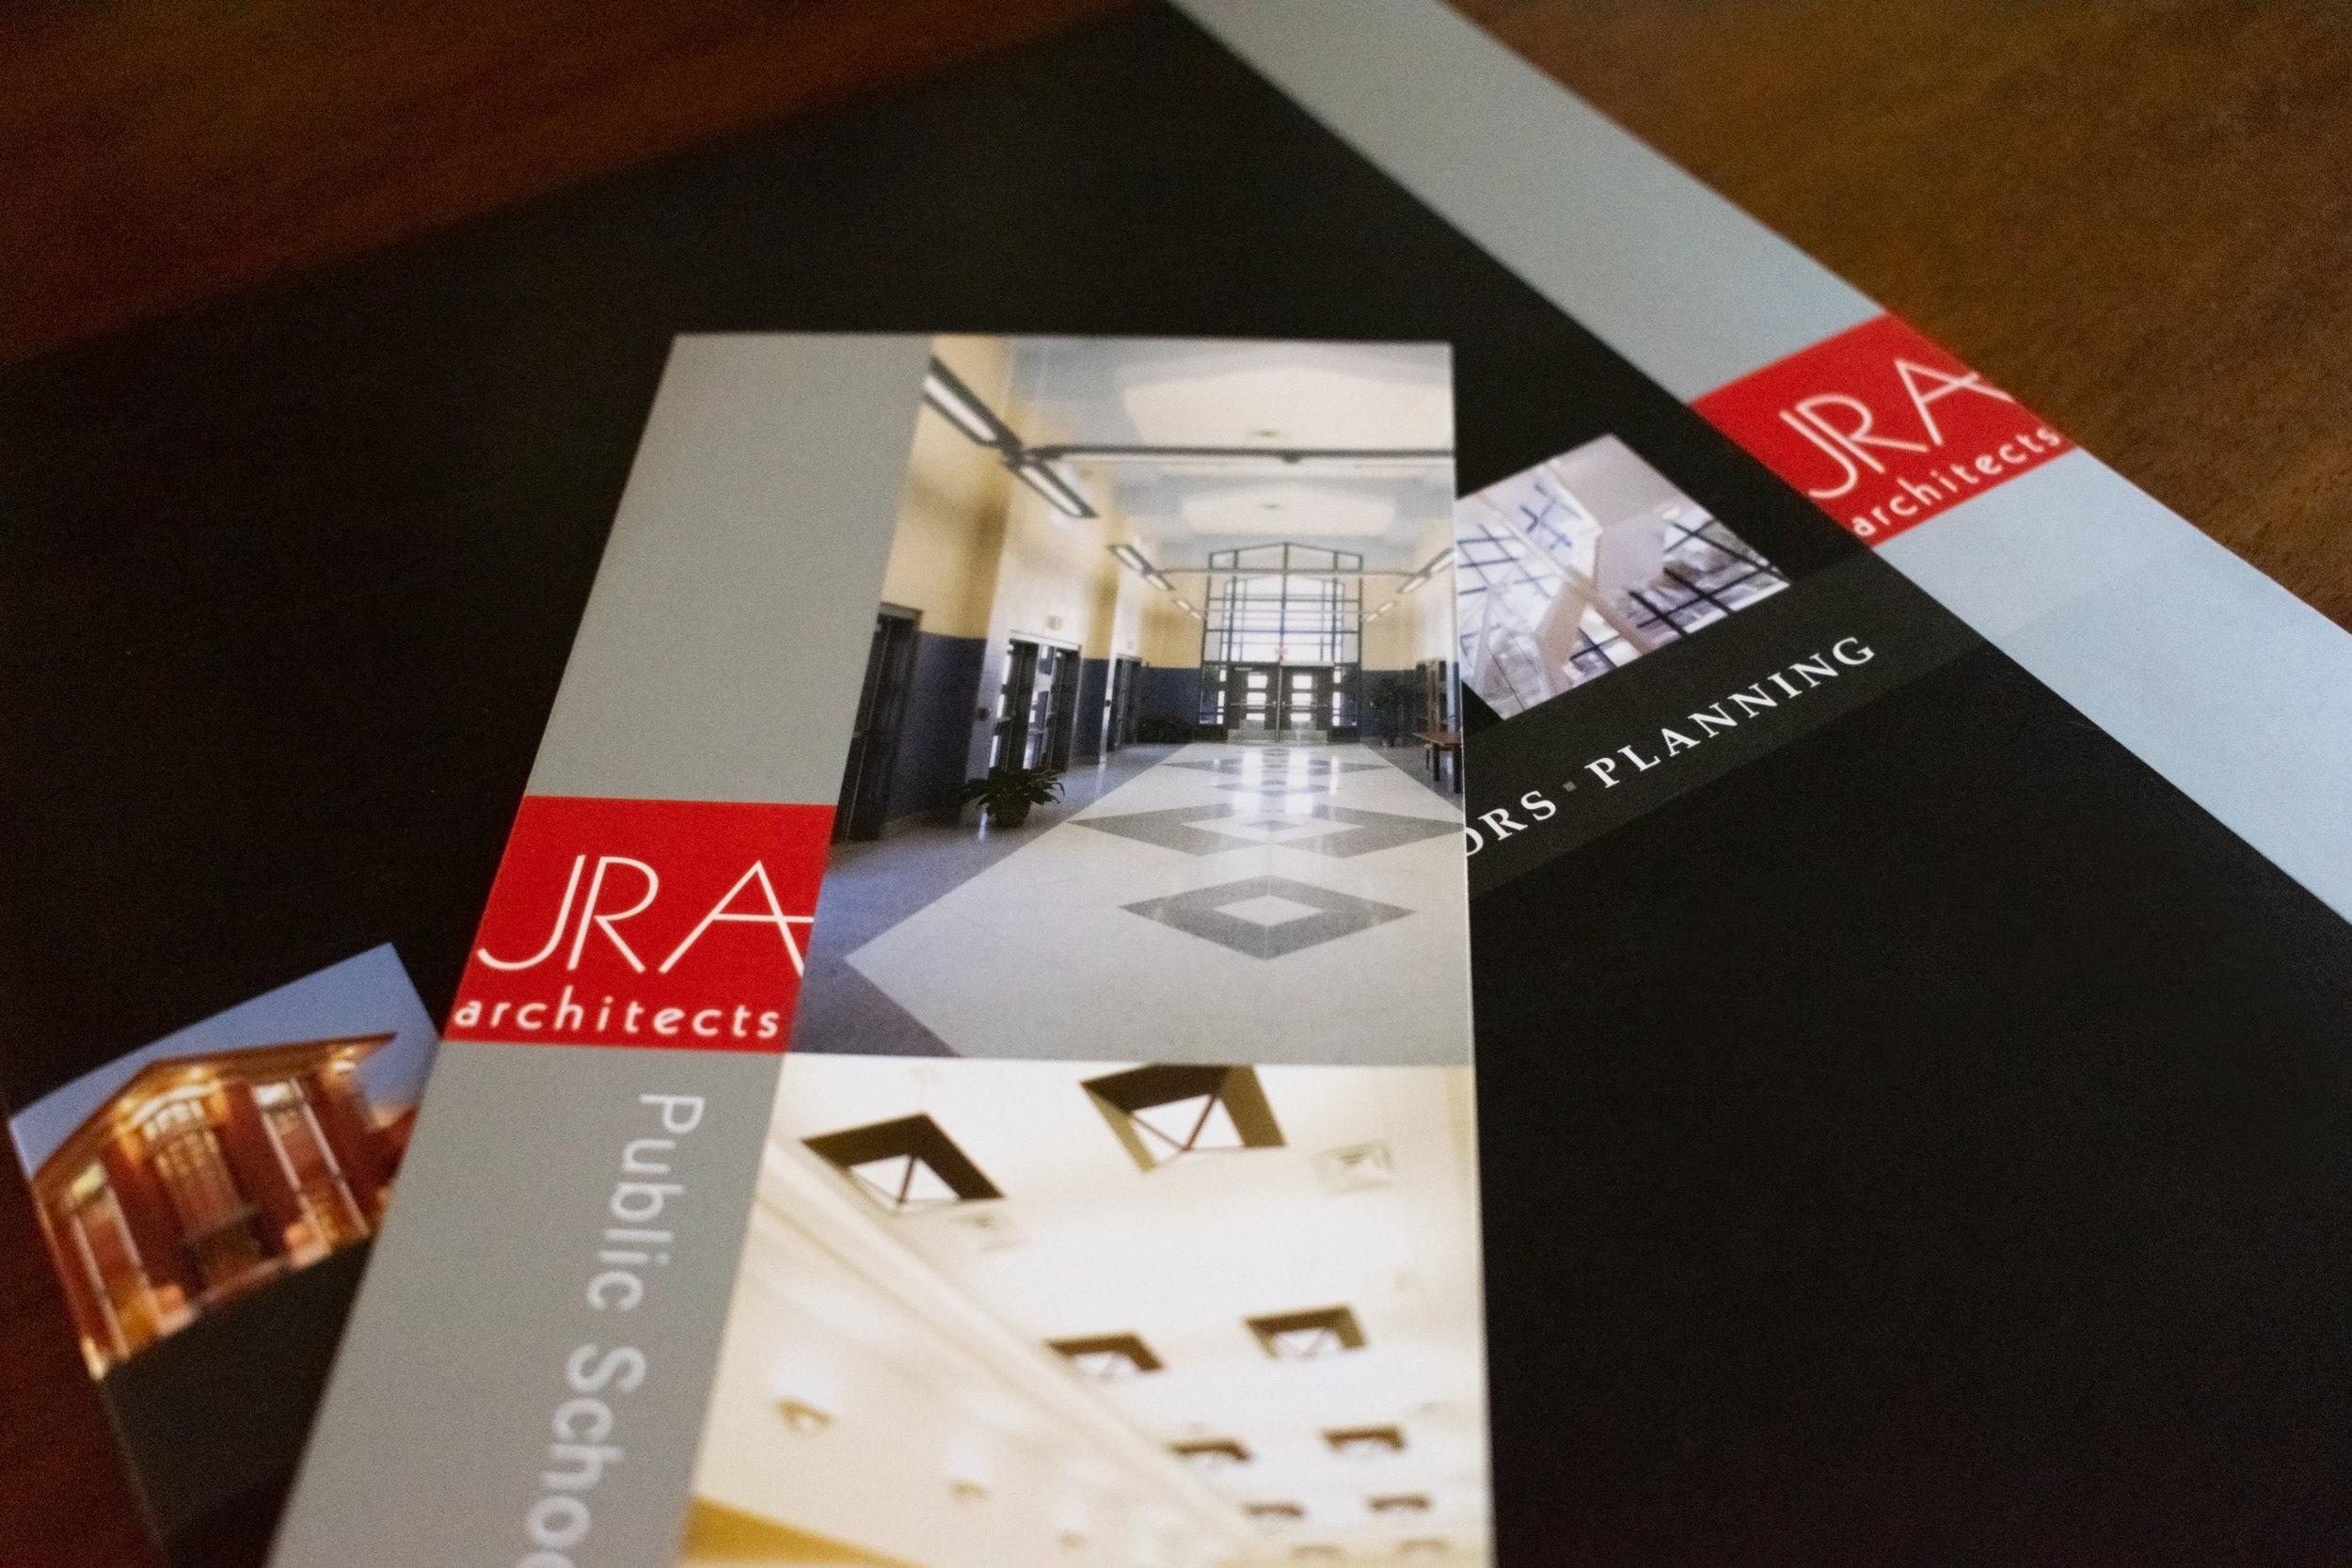 JRA_0027.jpg